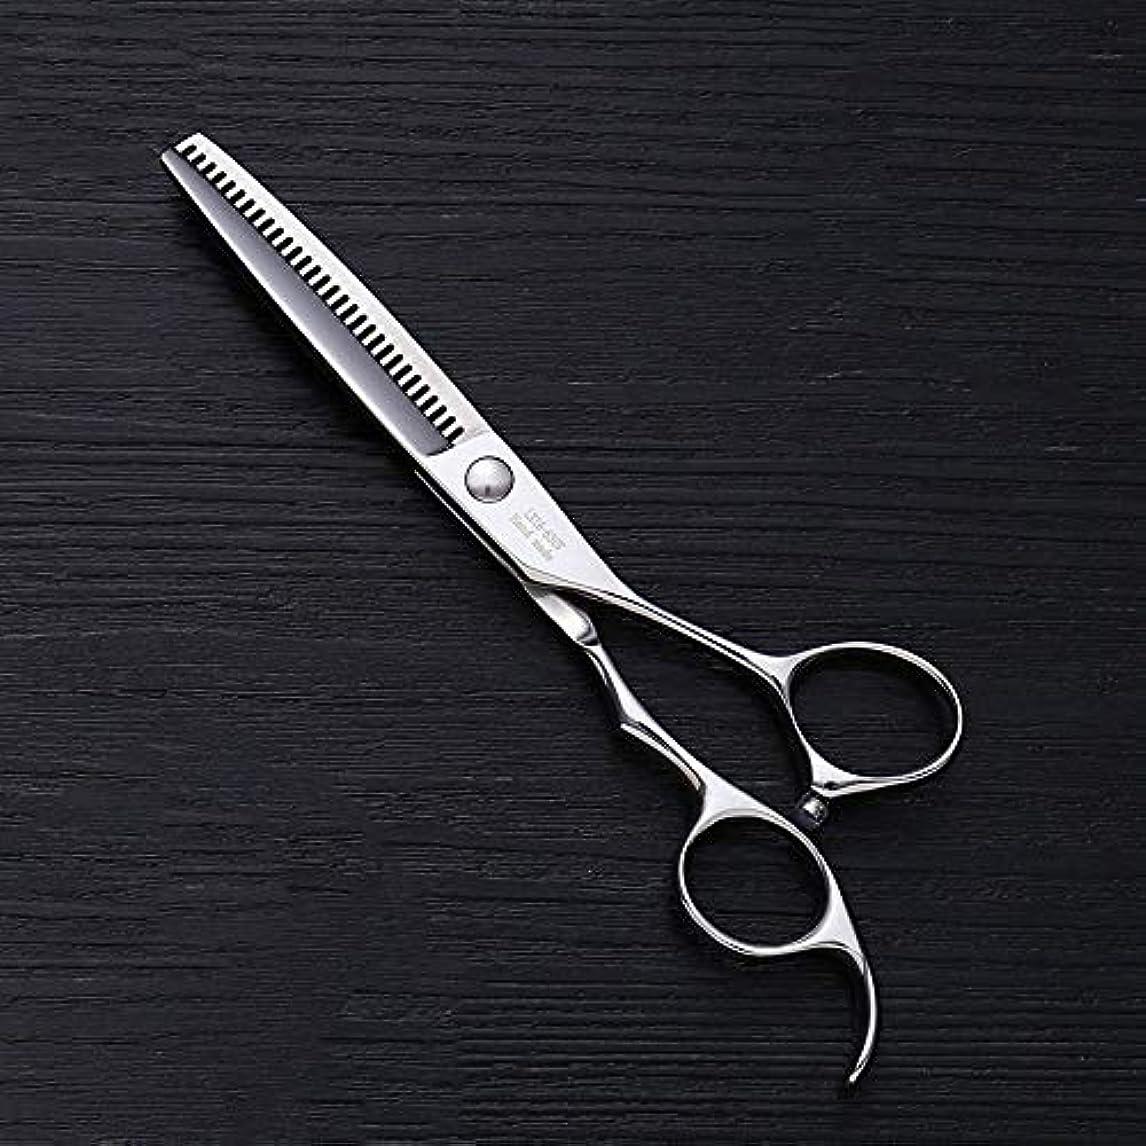 キャリアカロリー努力する6インチの美容院のステンレス鋼の専門のバリカン、30本の歯の魚の骨は専門の薄いせん断を切りました モデリングツール (色 : Silver)